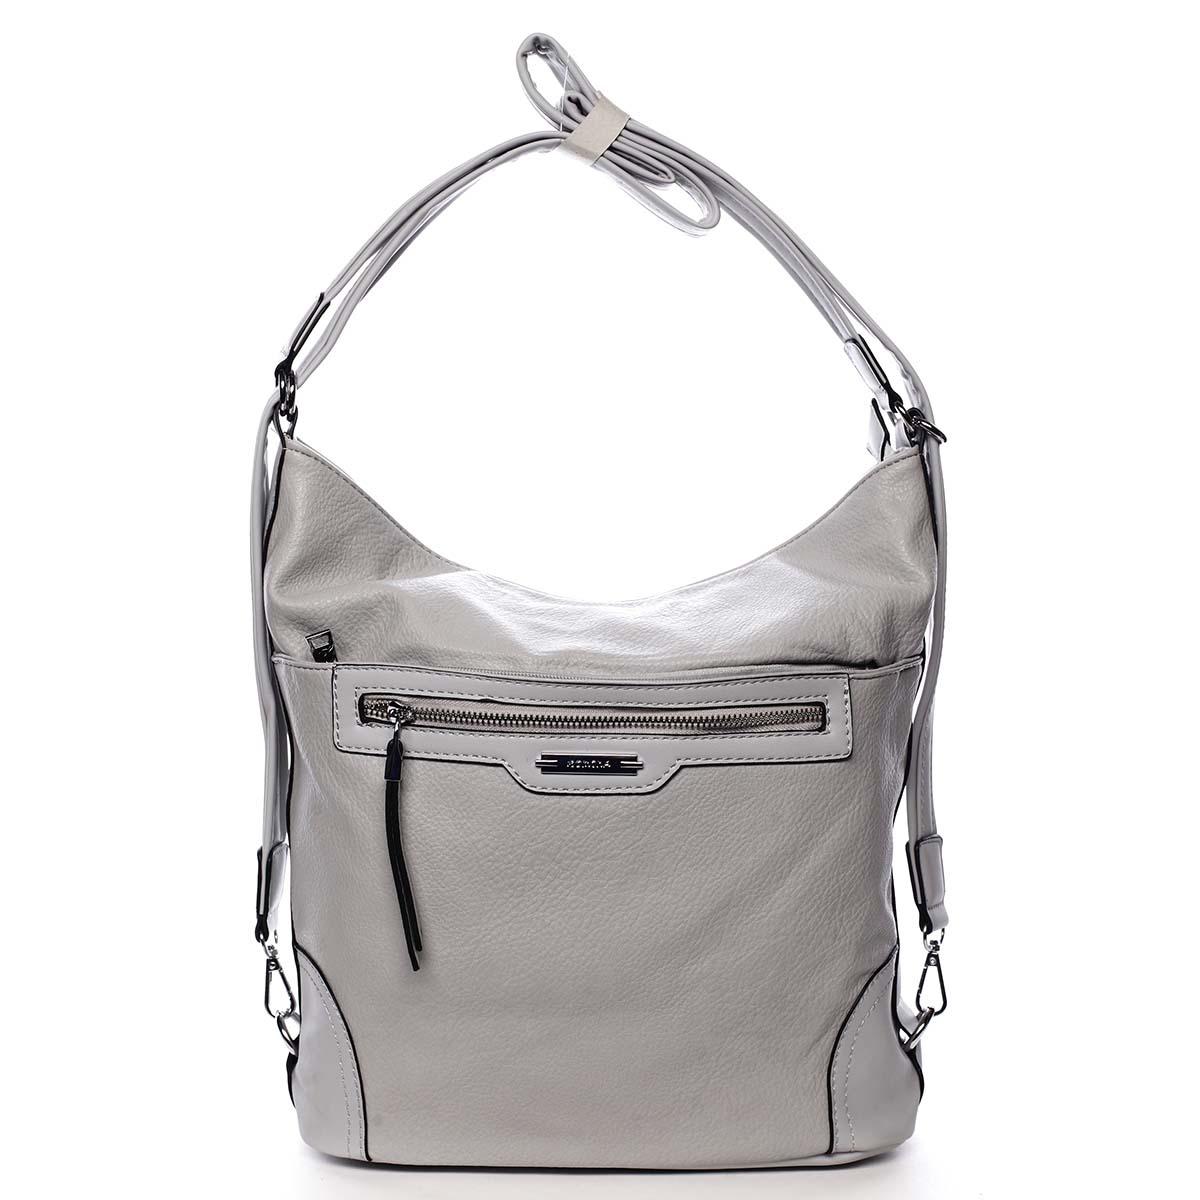 Dámska kabelka batoh svetlo šedá - Romina Zilla